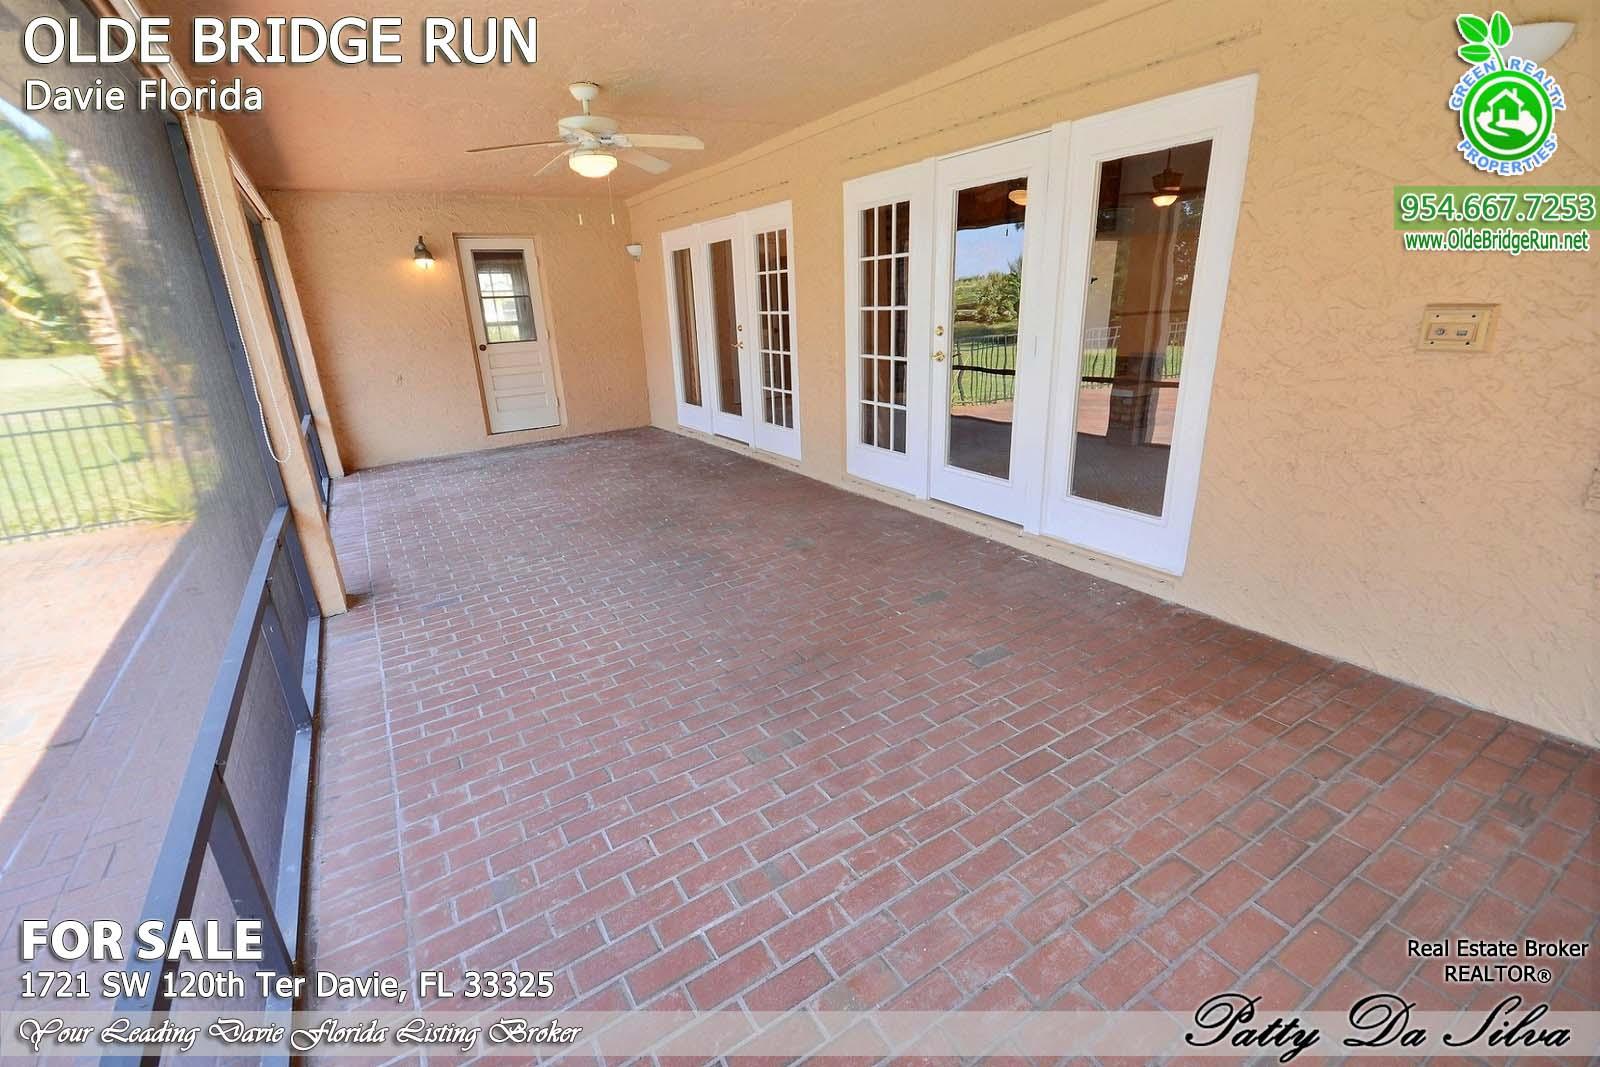 Olde Bridge Run Homes in Davie FL (10)